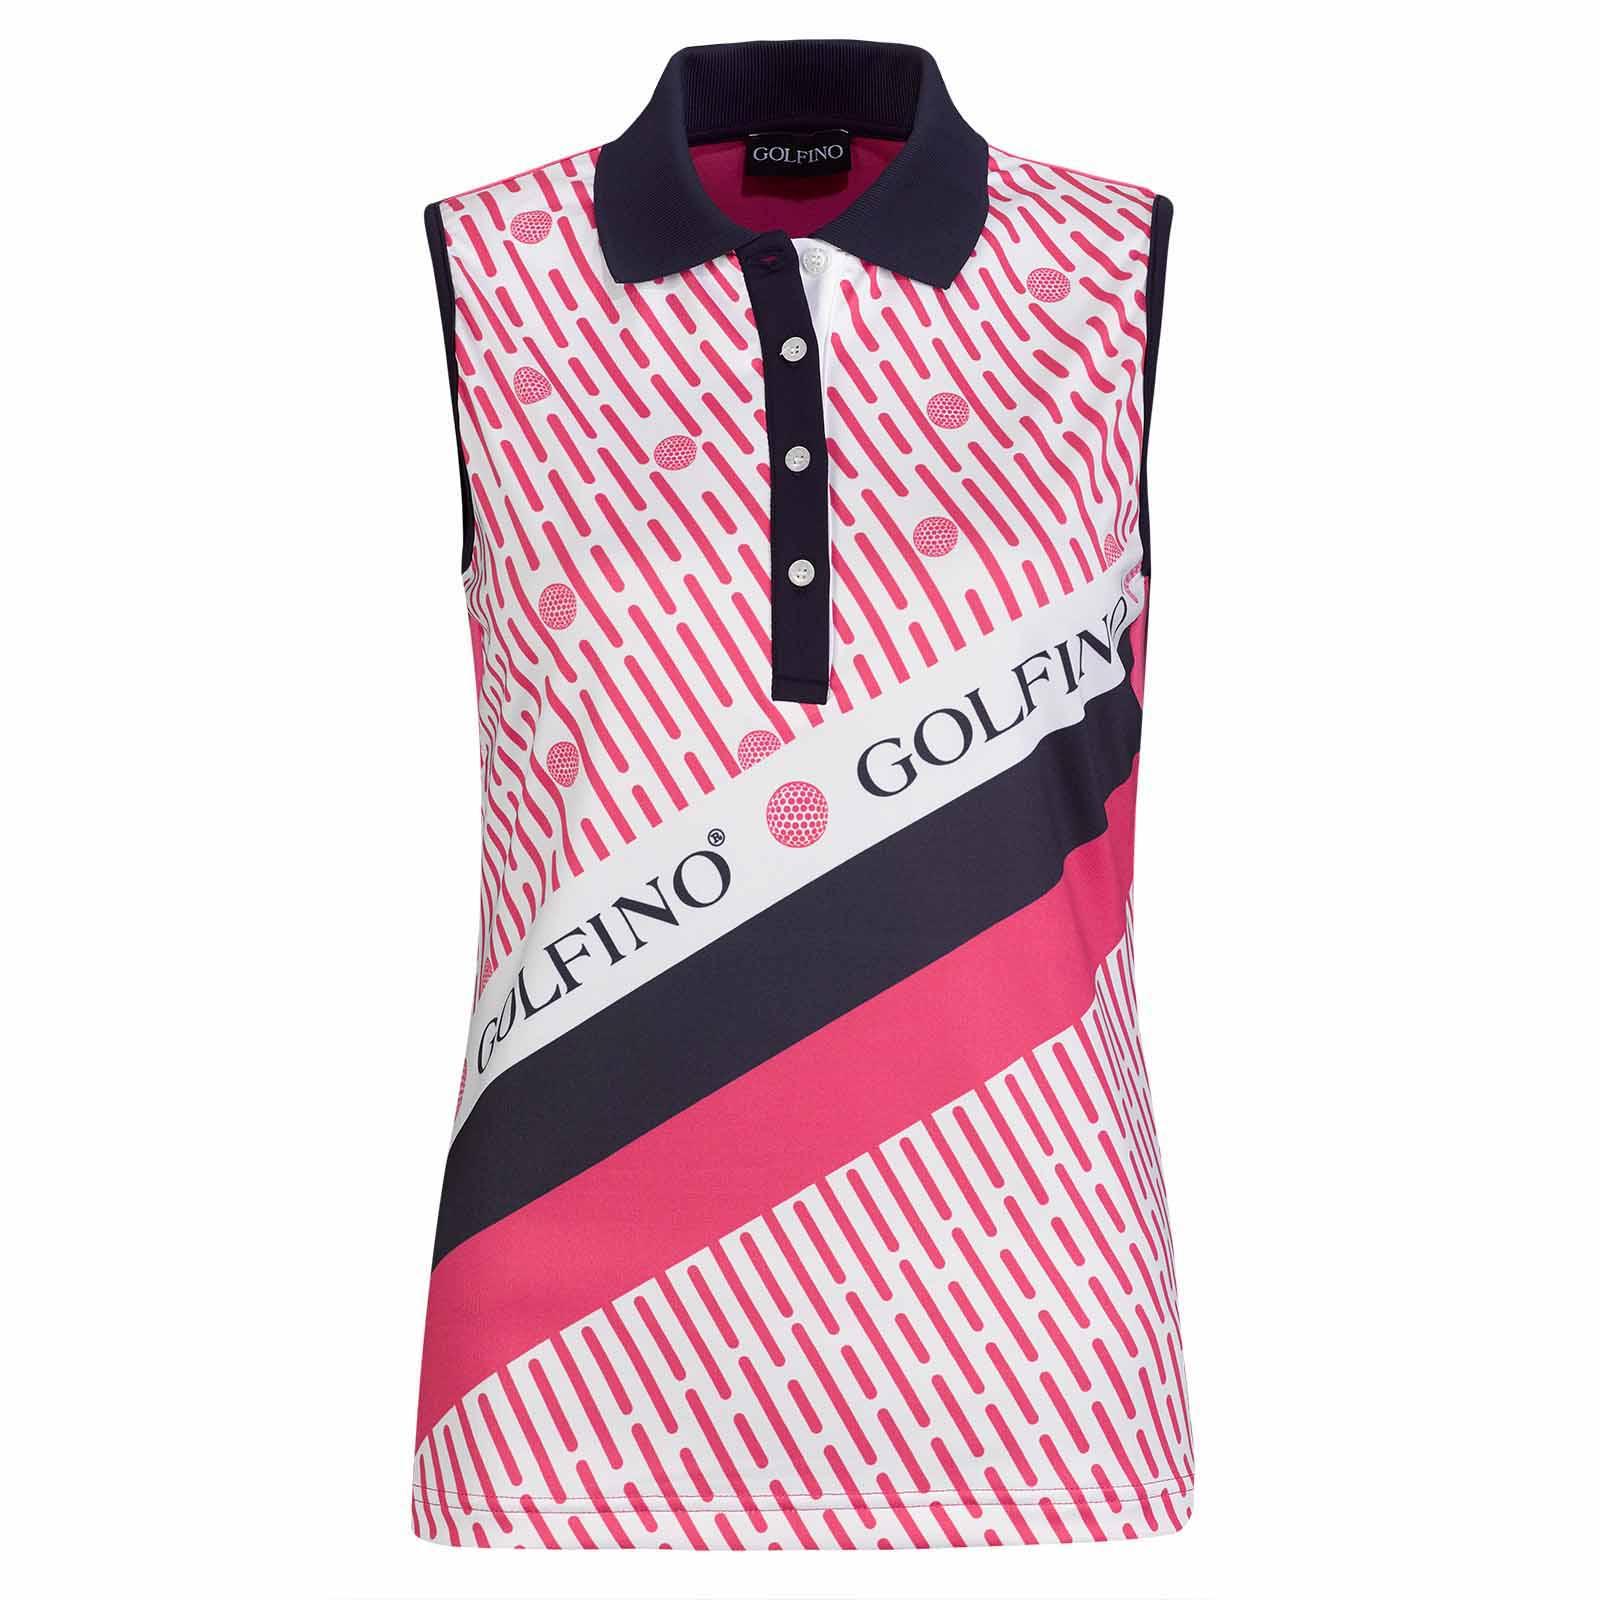 Ärmelloses Damen Golf Poloshirt mit Sonnenschutz in Slim Fit